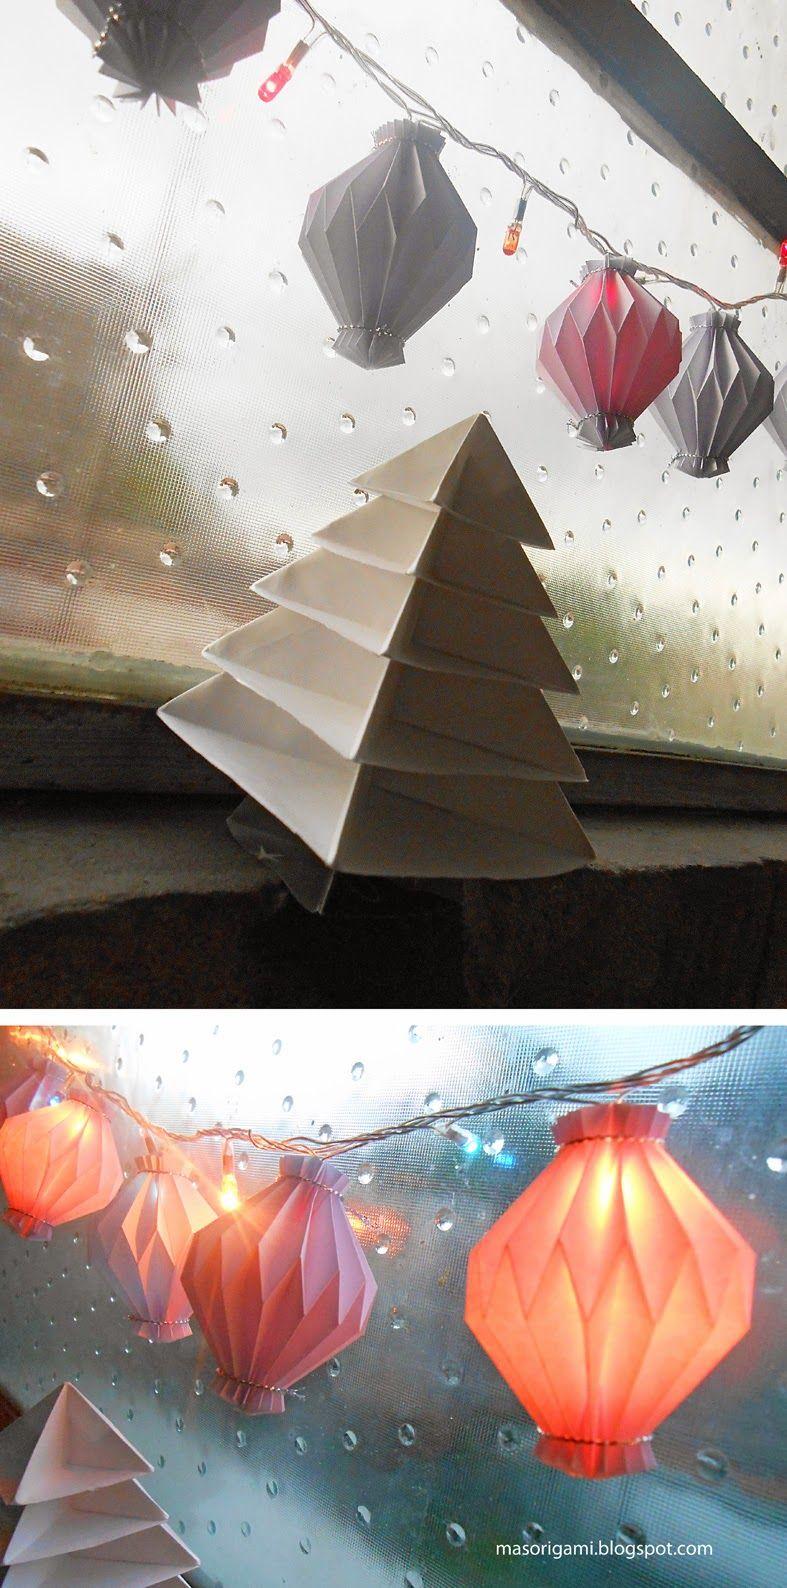 origami - rinconcito navideño decorado con faroles y árbol de Navidad plegados en papel